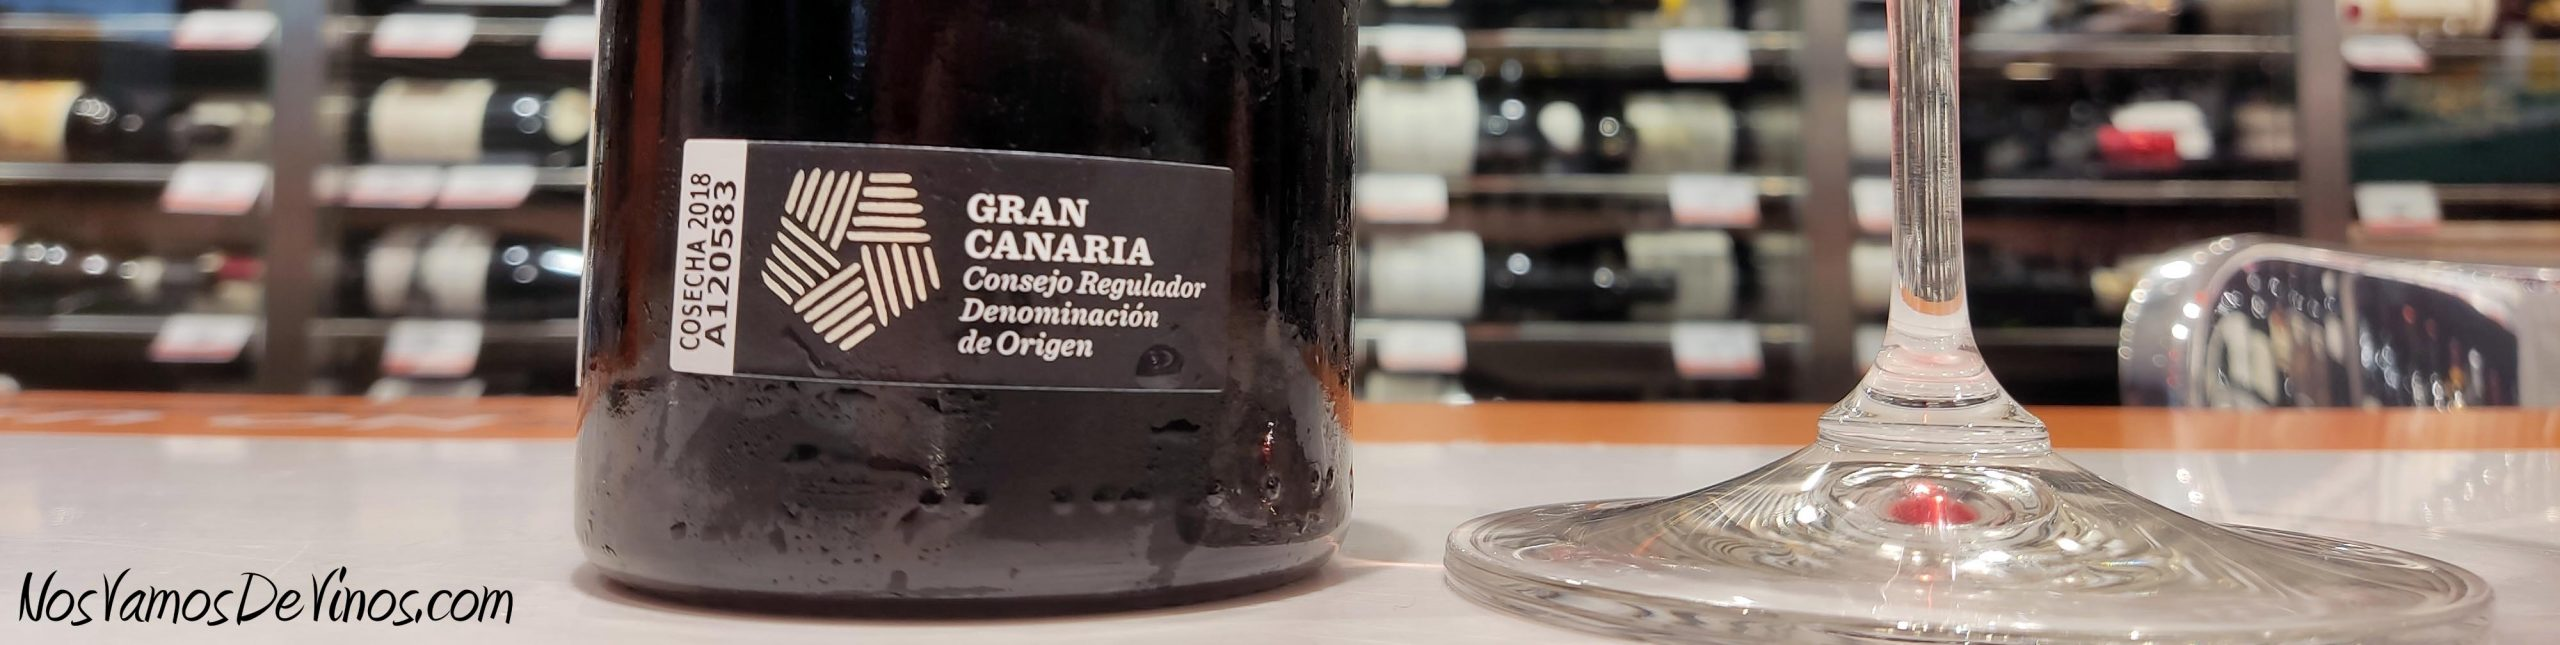 El3emento Gran Canaria 2018 Etiqueta D.O.